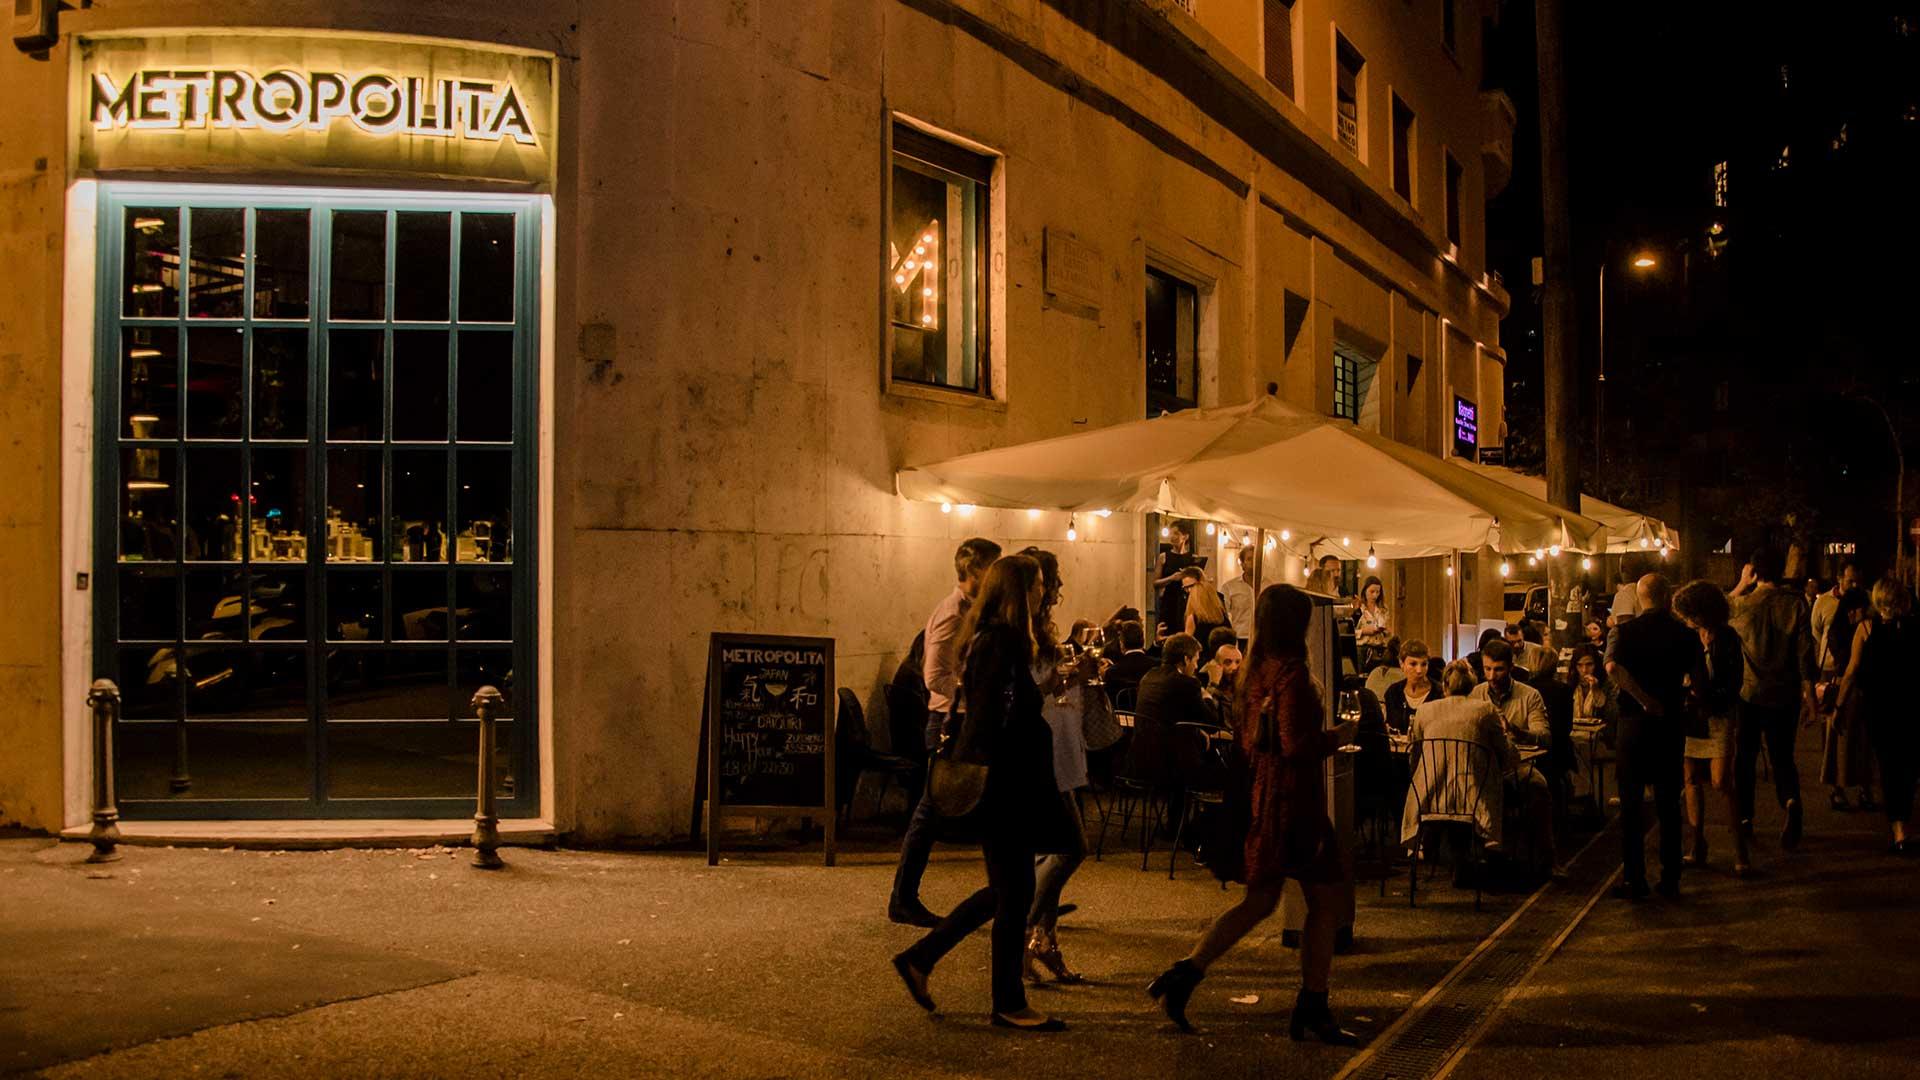 Metropolita Roma - Esterni